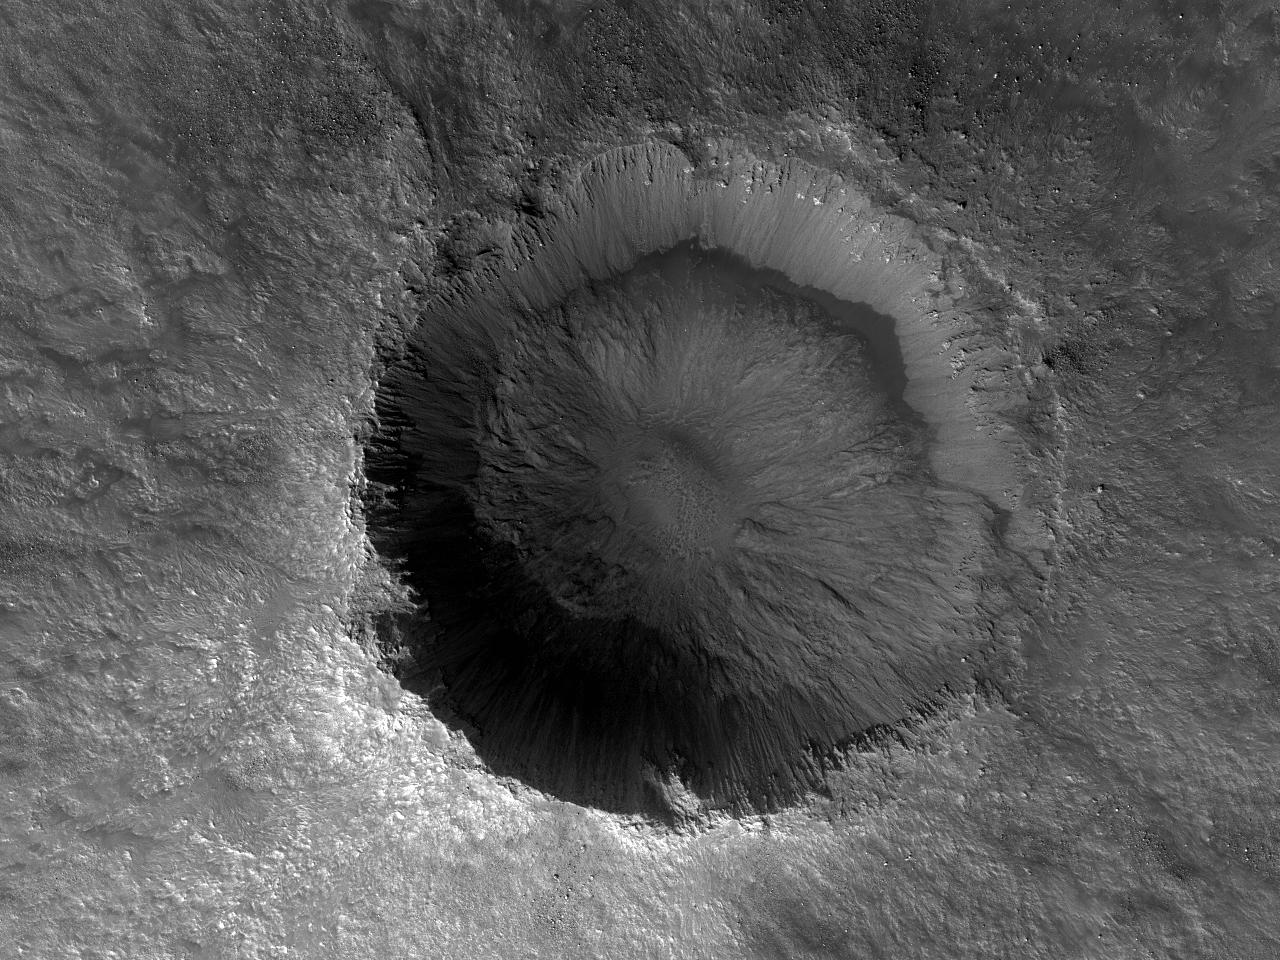 Предположительно, хорошо сохранившийся кратер на равнинеAcidalia Planitia